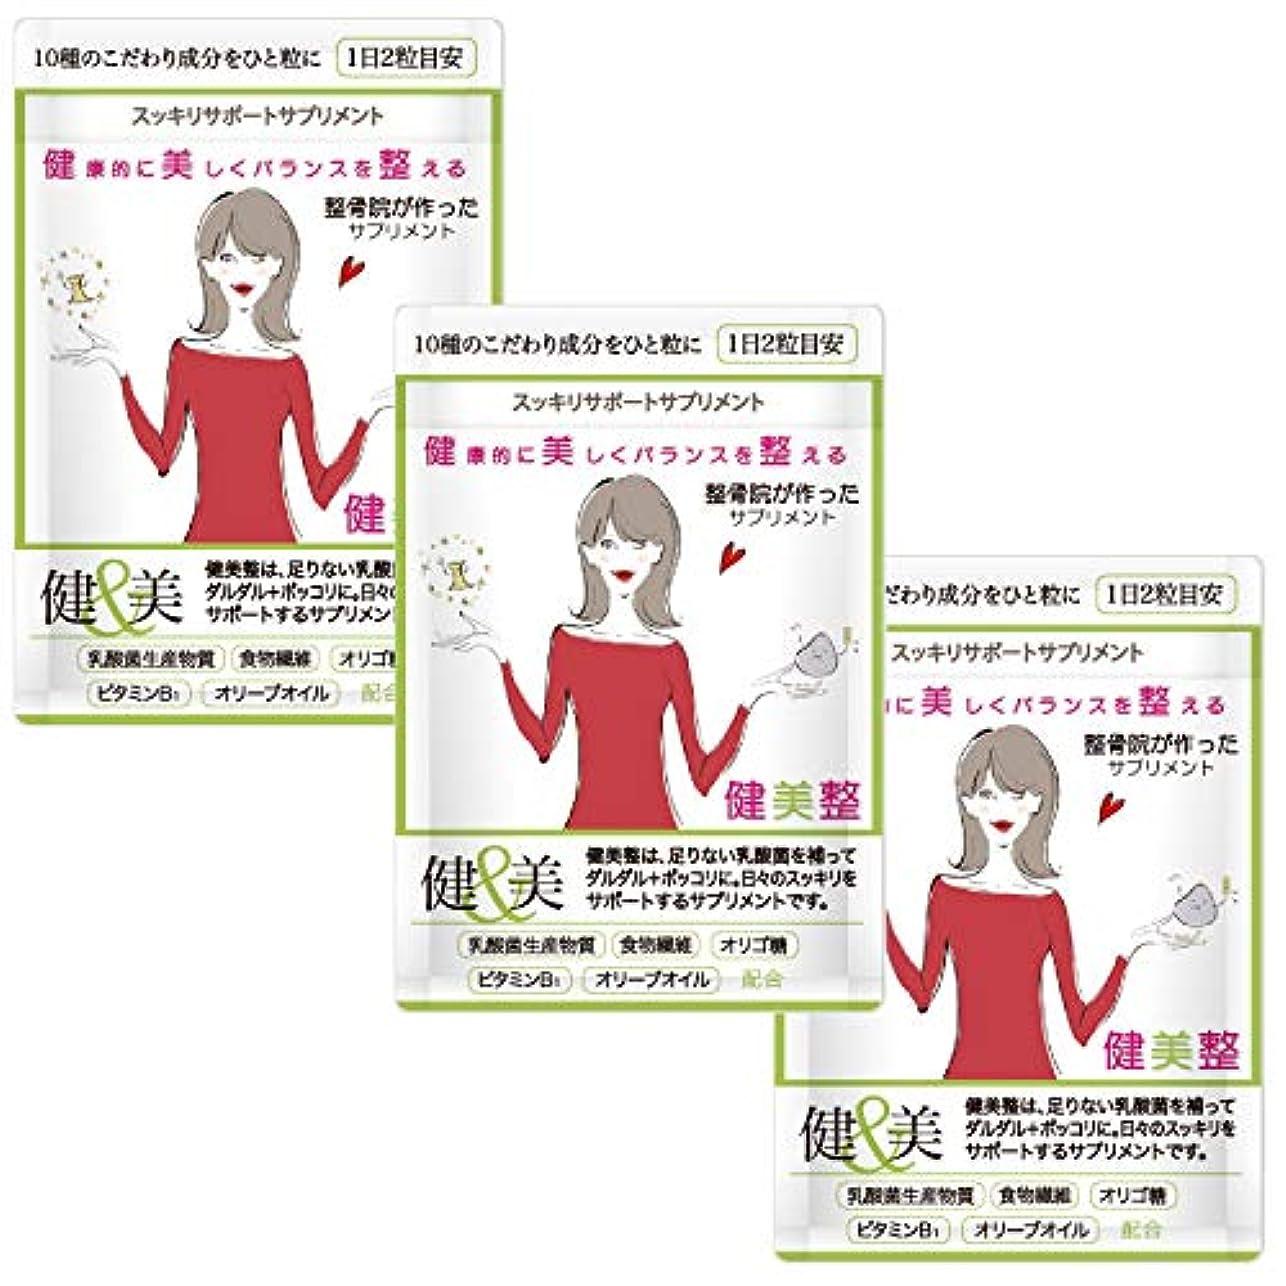 ピボットオーバーヘッド集団的ダイエット サプリメント 人気 酵素 健美整プラス 腸内環境 炭 60粒1か月分 (3)